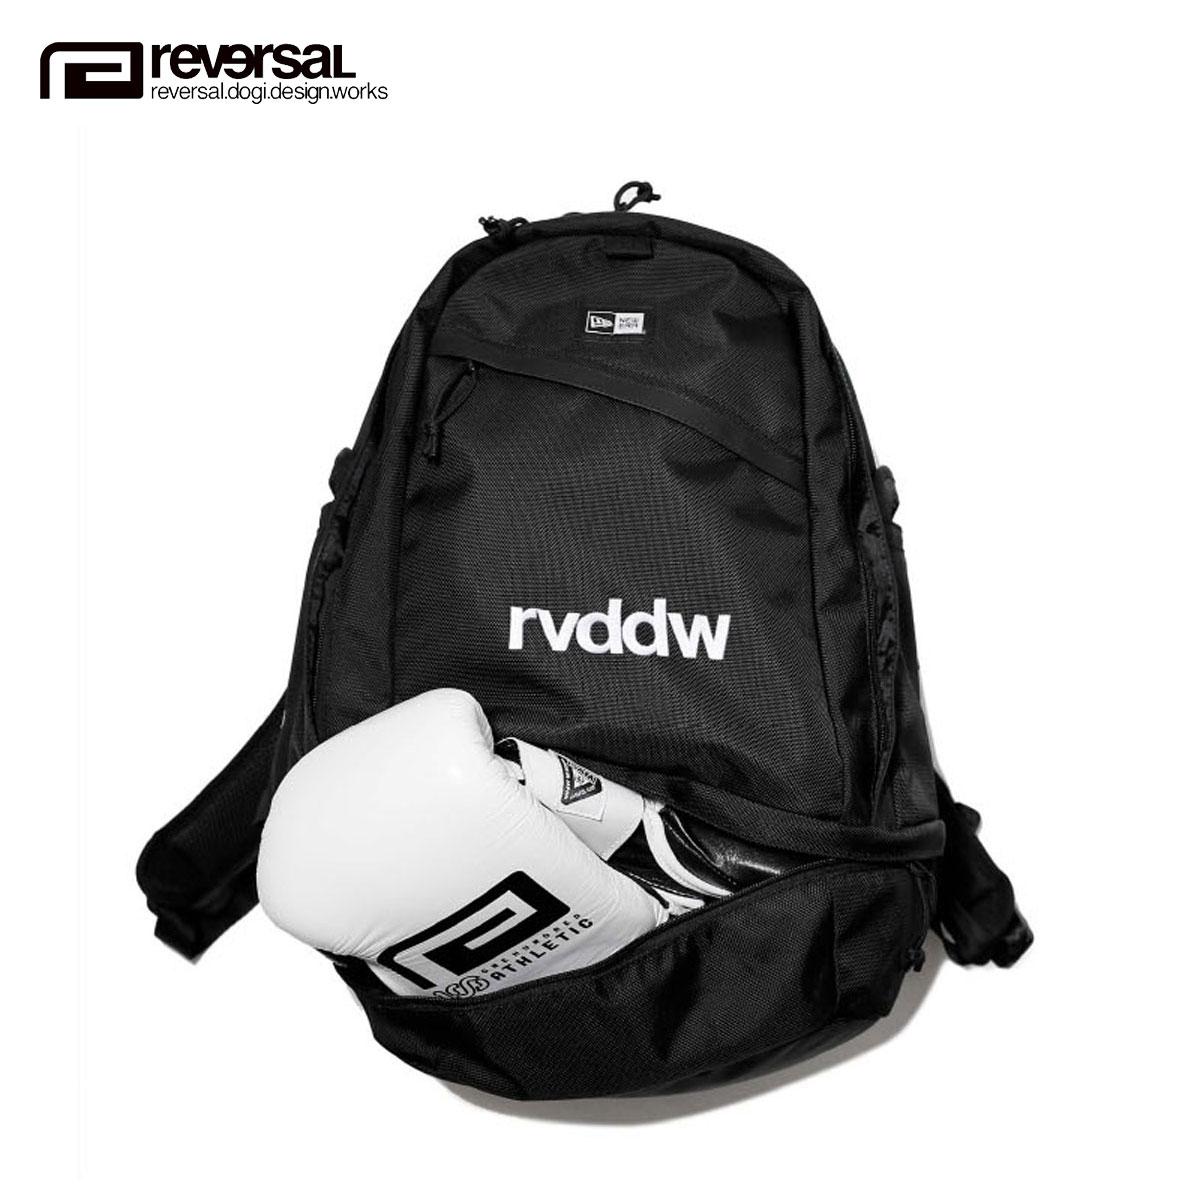 リバーサル REVERSAL 正規販売店 メンズ レディース バッグ バックパック リュック NEW ERA x rvddw SPORTS PACK rvner012 BLACK